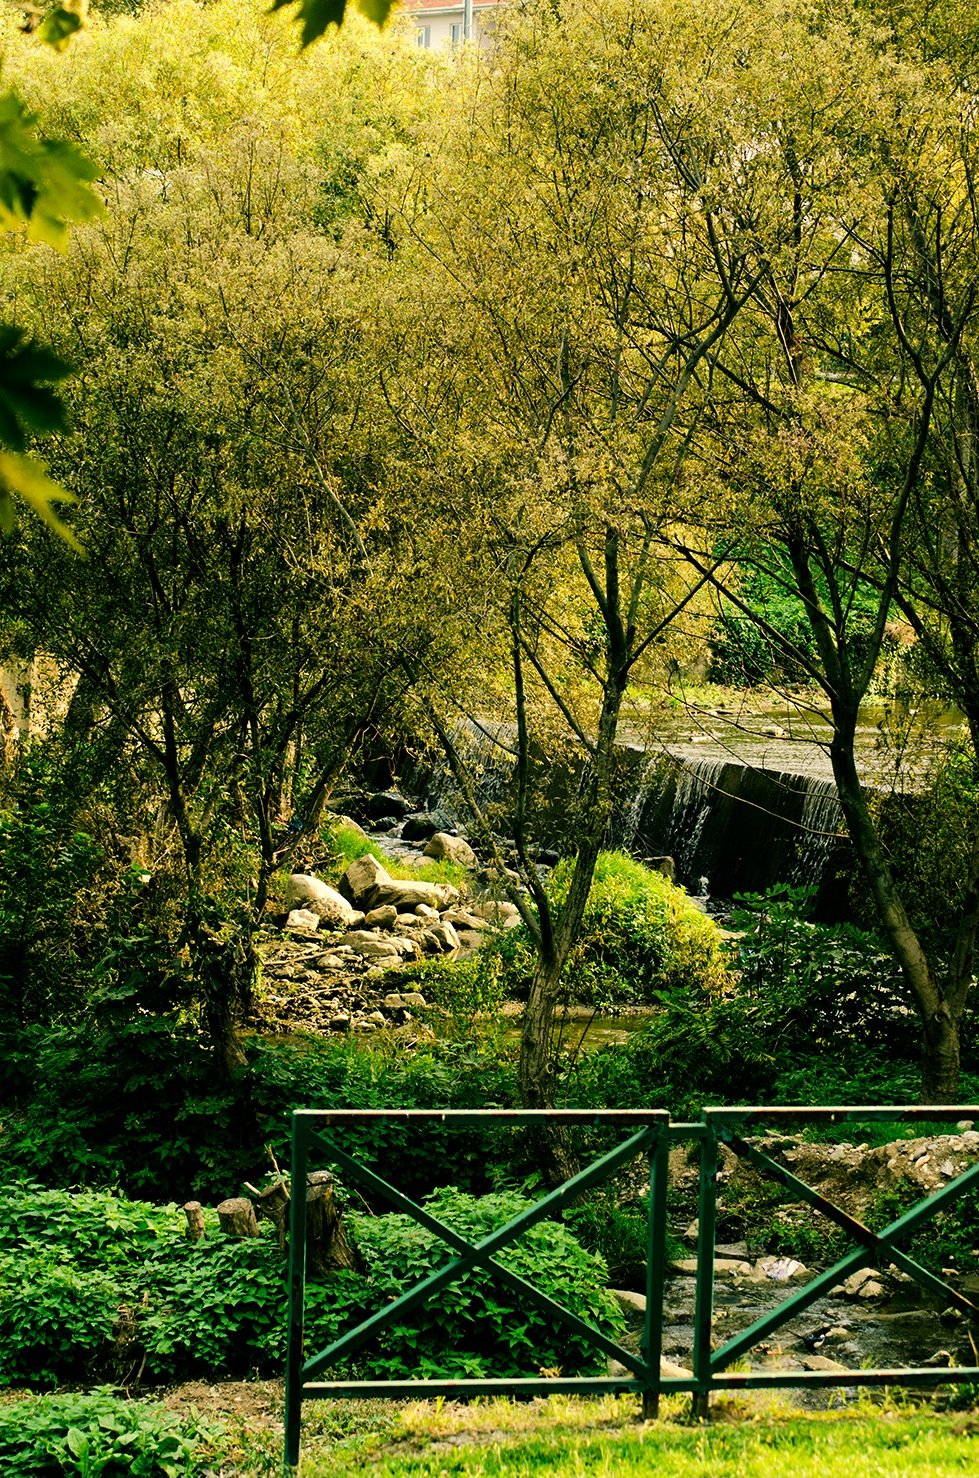 Greenery Abdal köprüsü  by Deniz Aybar